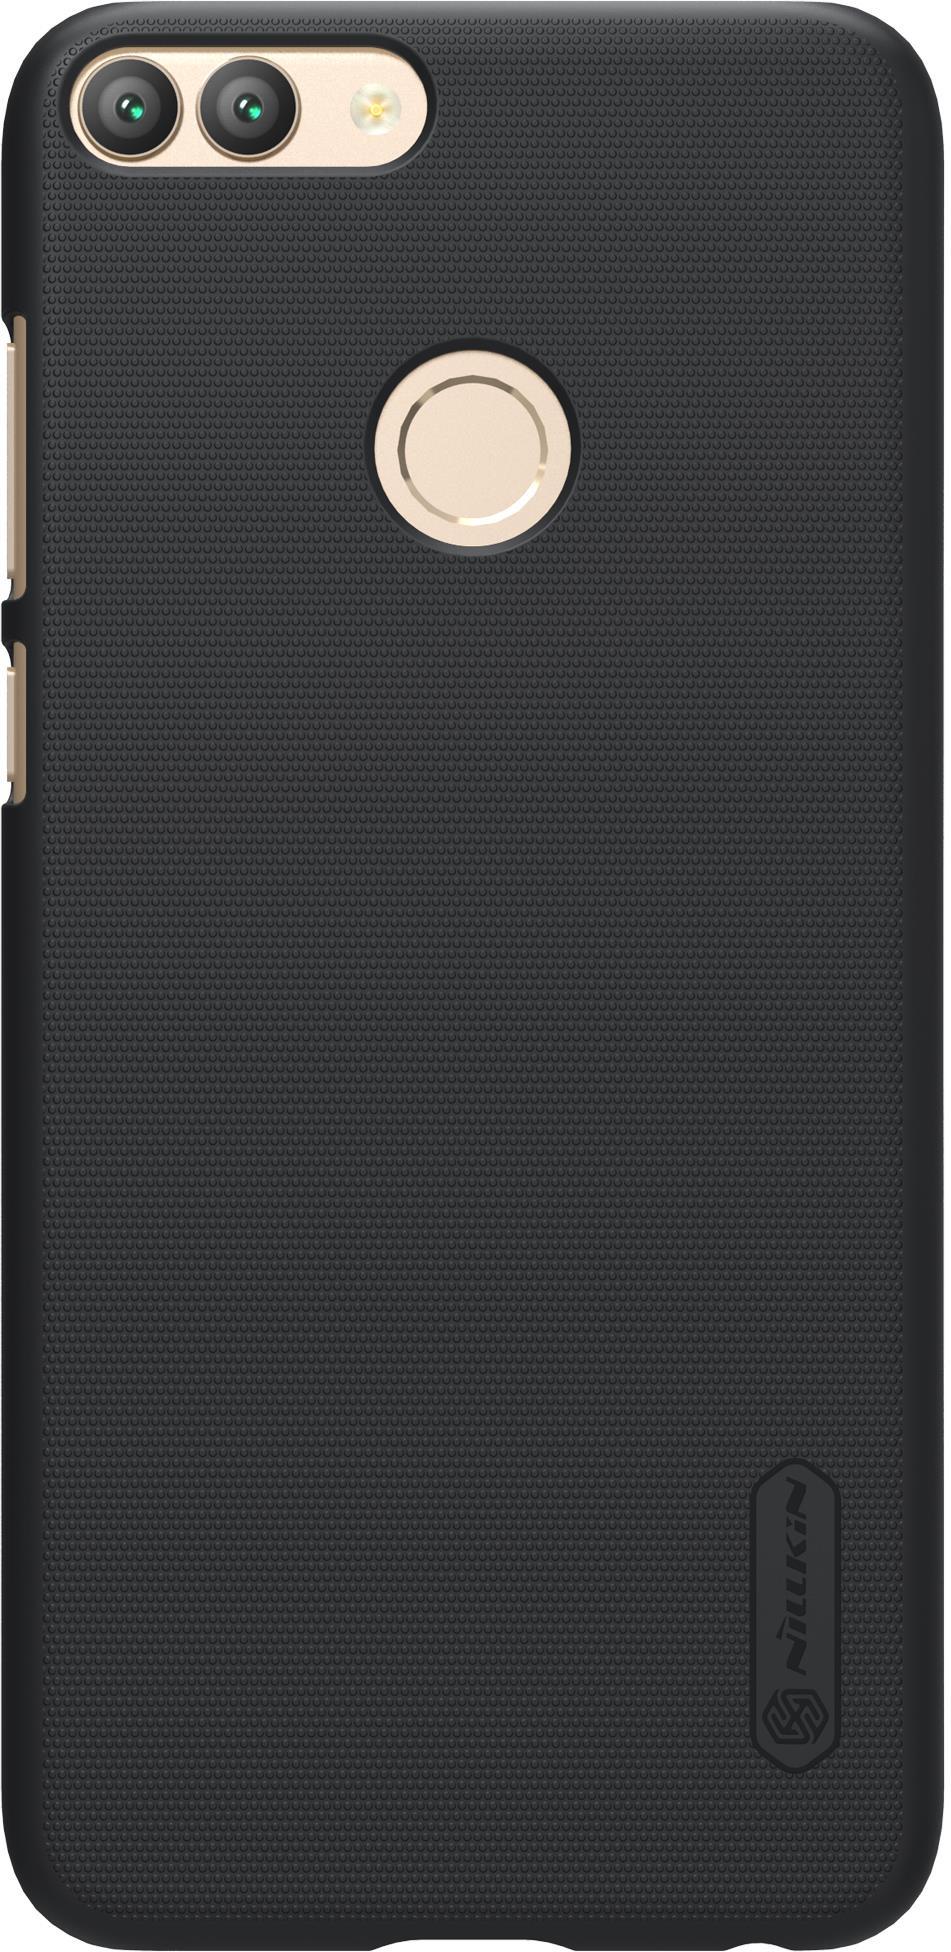 Чехол для сотового телефона Nillkin Super Frosted, 6902048152205, черный